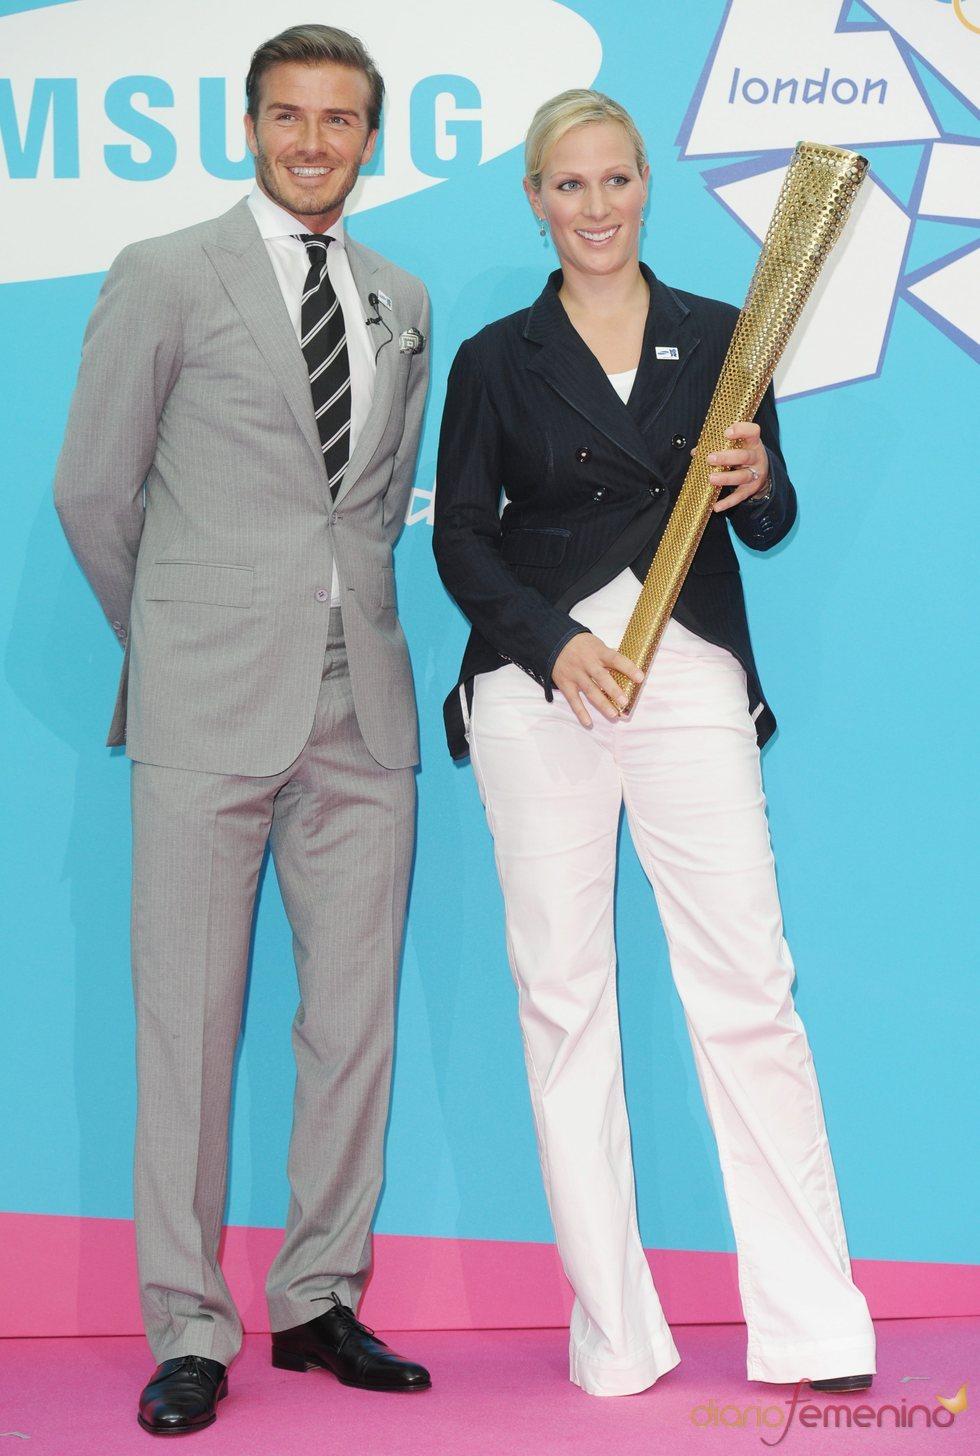 David Beckham y Zara Phillips, embajadores de los Juegos Olímpicos de Londres 2012